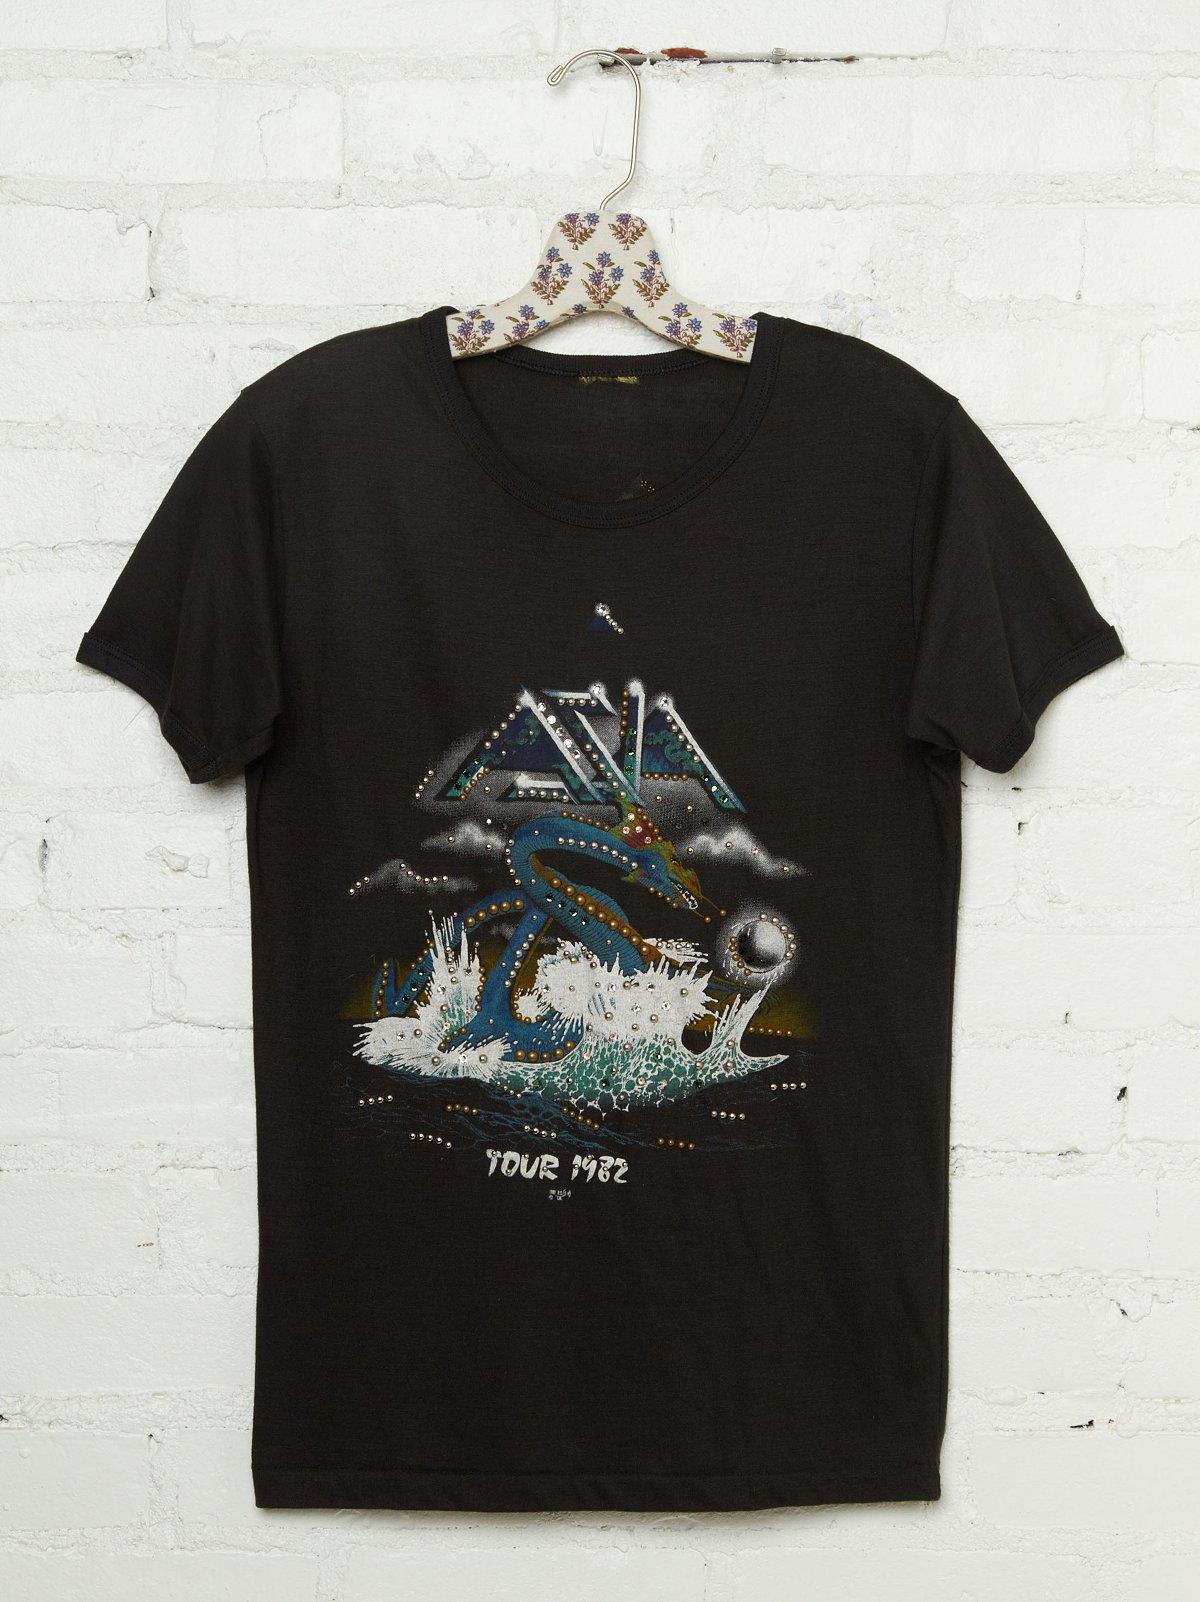 Vintage Studded Asia 1982 Tour Tee